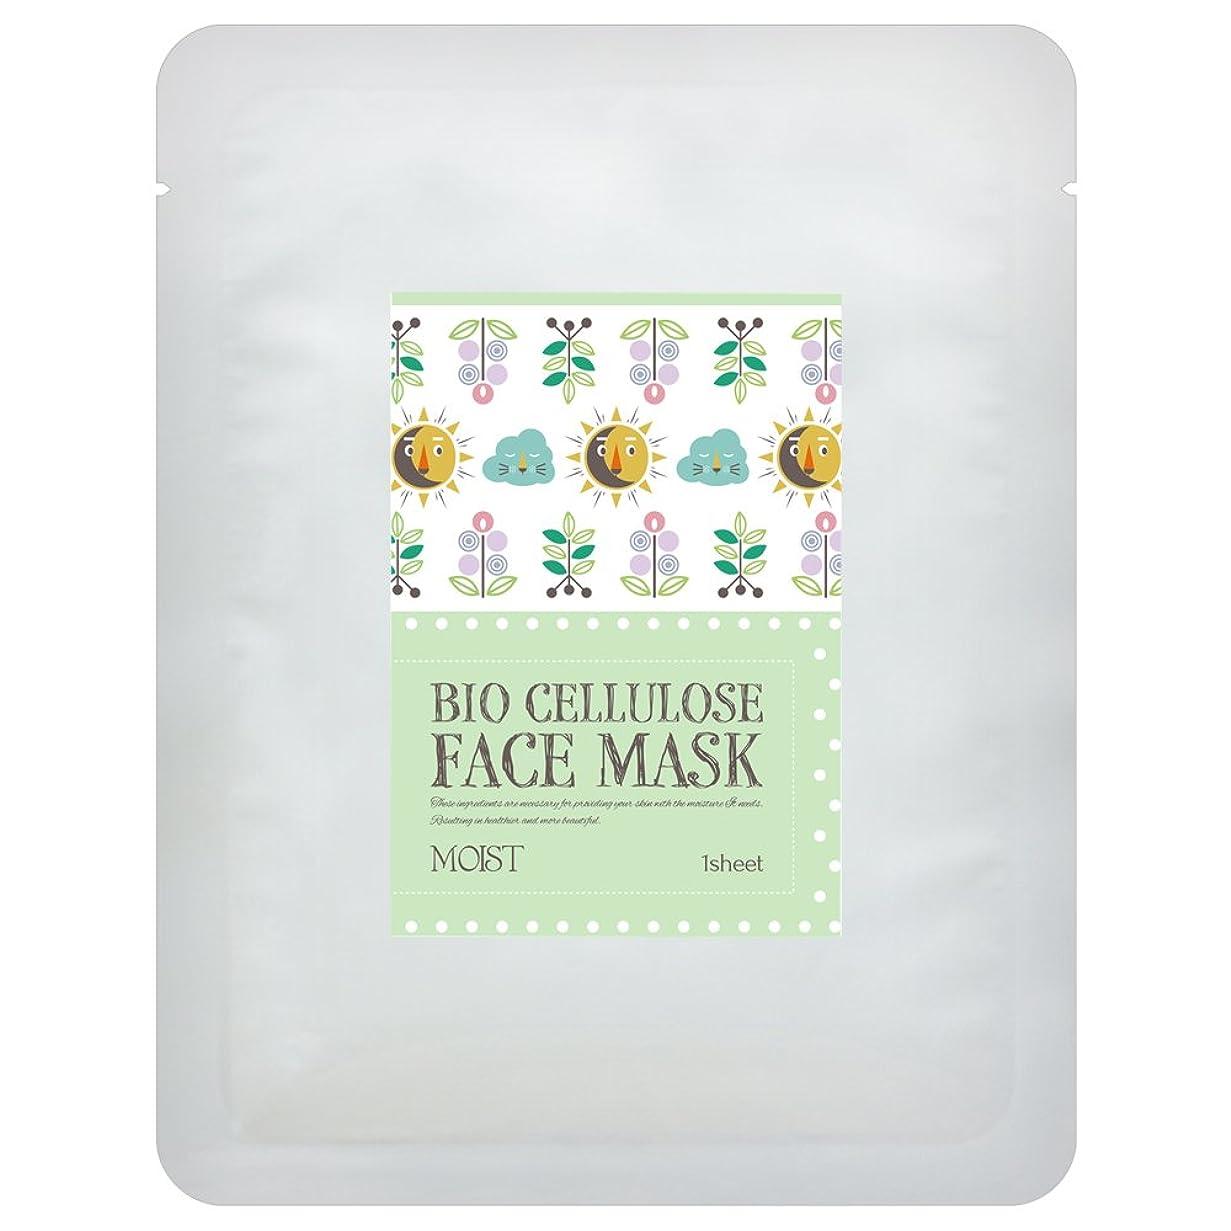 知覚する消費はがき日本製バイオセルロース フェイスマスク MOIST(弾潤系) 1枚